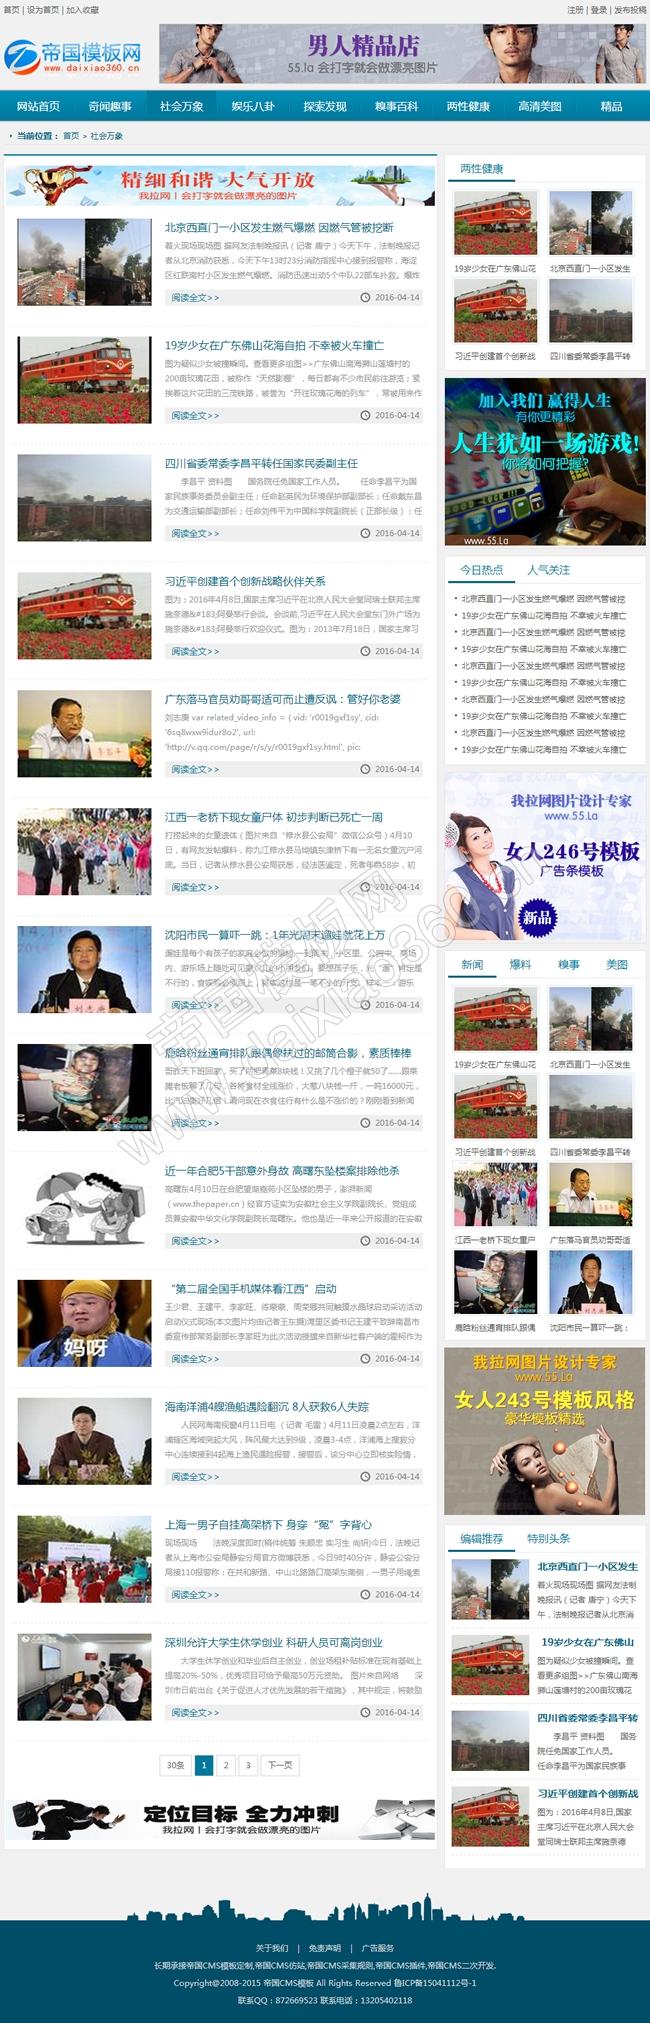 帝国cms新闻文章资讯模板加手机wap模板_文章列表